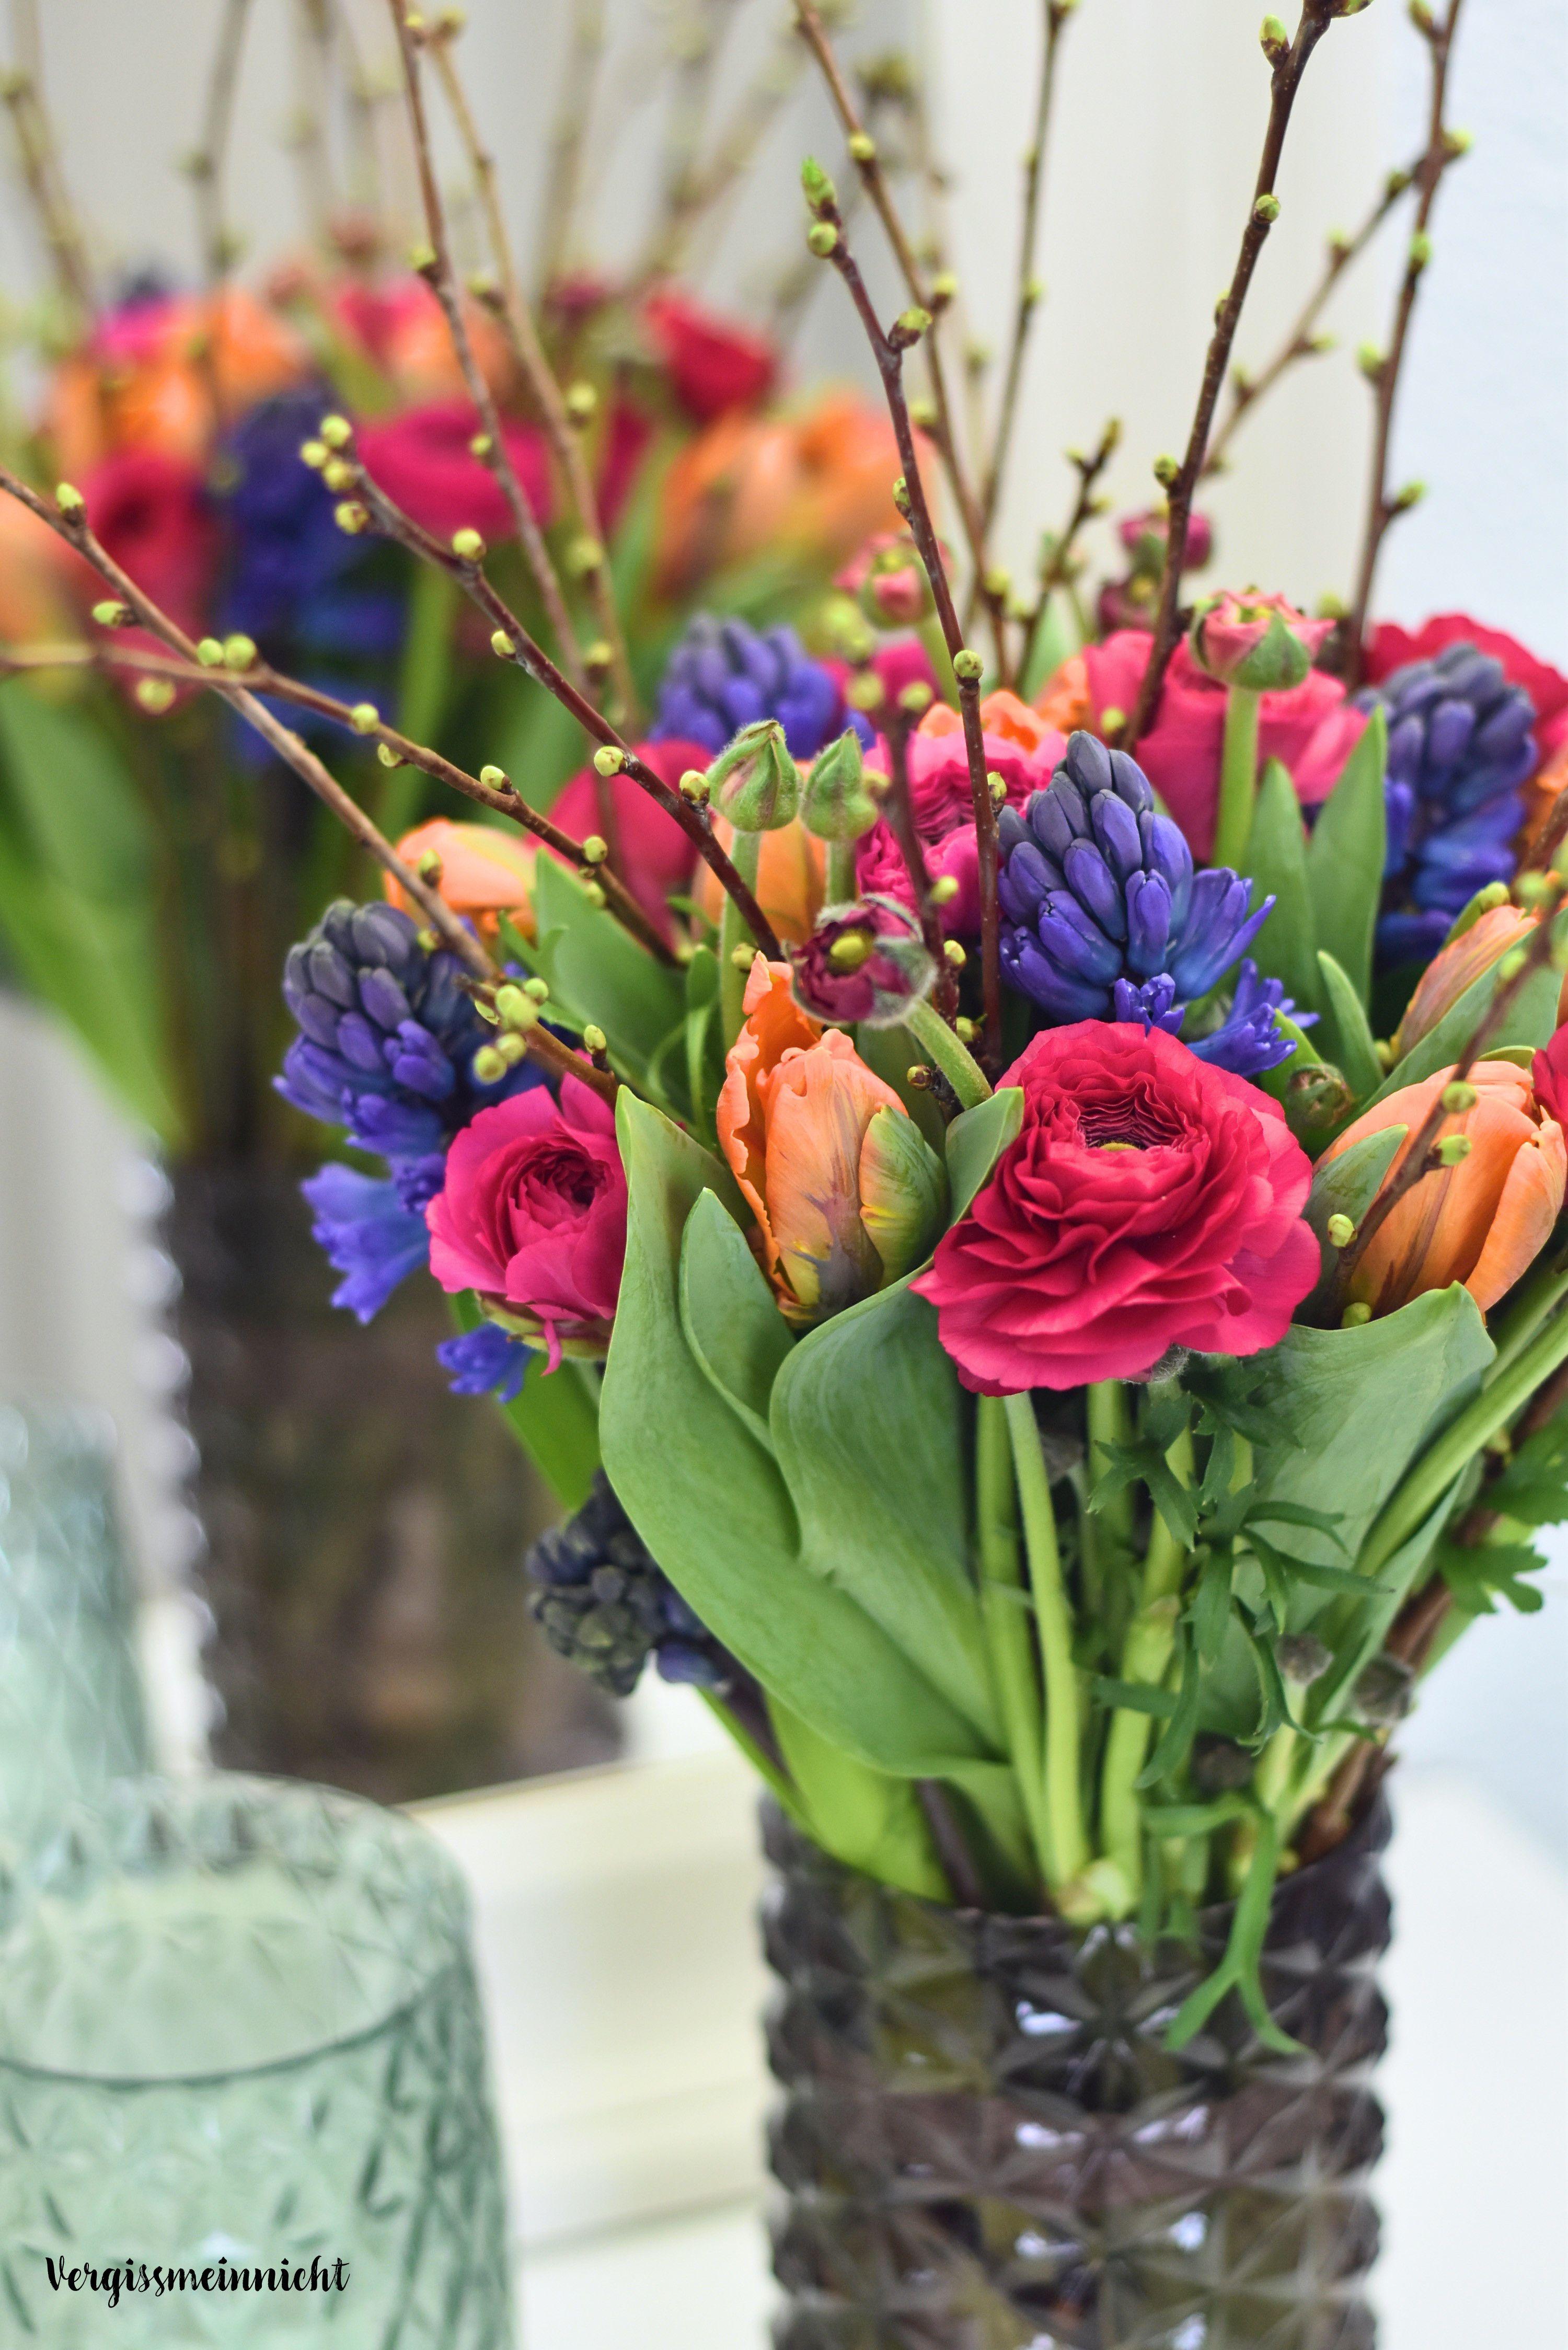 Passend zum Frühlings gibt es ein Frühlingsstrauß mit Ranunkeln, Tulpen, Hyazinthen und Zweigen. Mit Anleitung auf dem Blog zum nach machen. Ein schöner Frühlings Strauß aus frischen Blumen #frühlingblumen